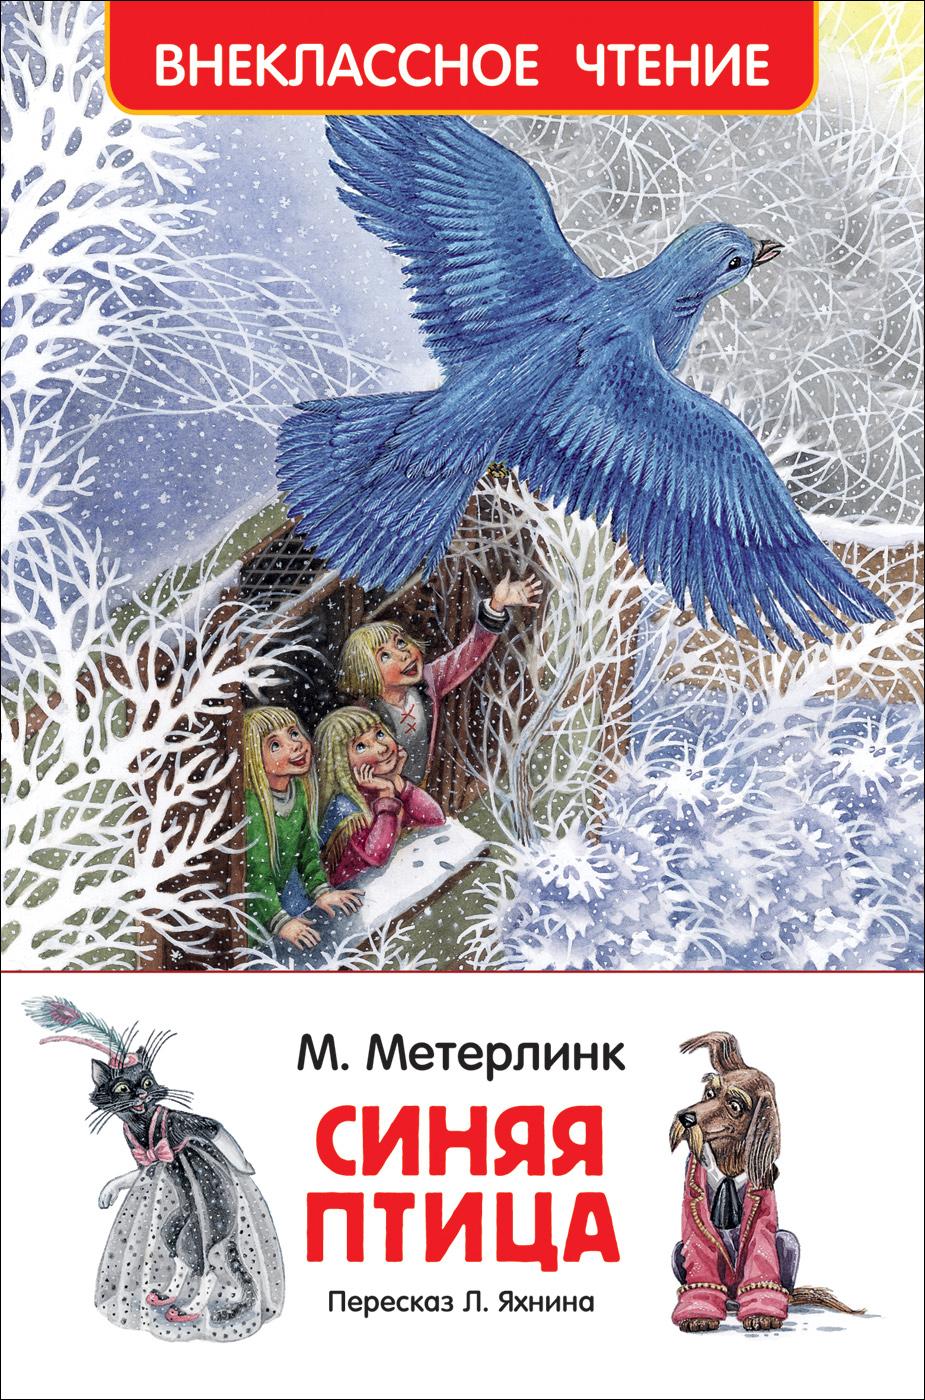 Книга М. Метерлинк - Синяя птица из серии Внеклассное чтениеВнеклассное чтение 6+<br>Книга М. Метерлинк - Синяя птица из серии Внеклассное чтение<br>